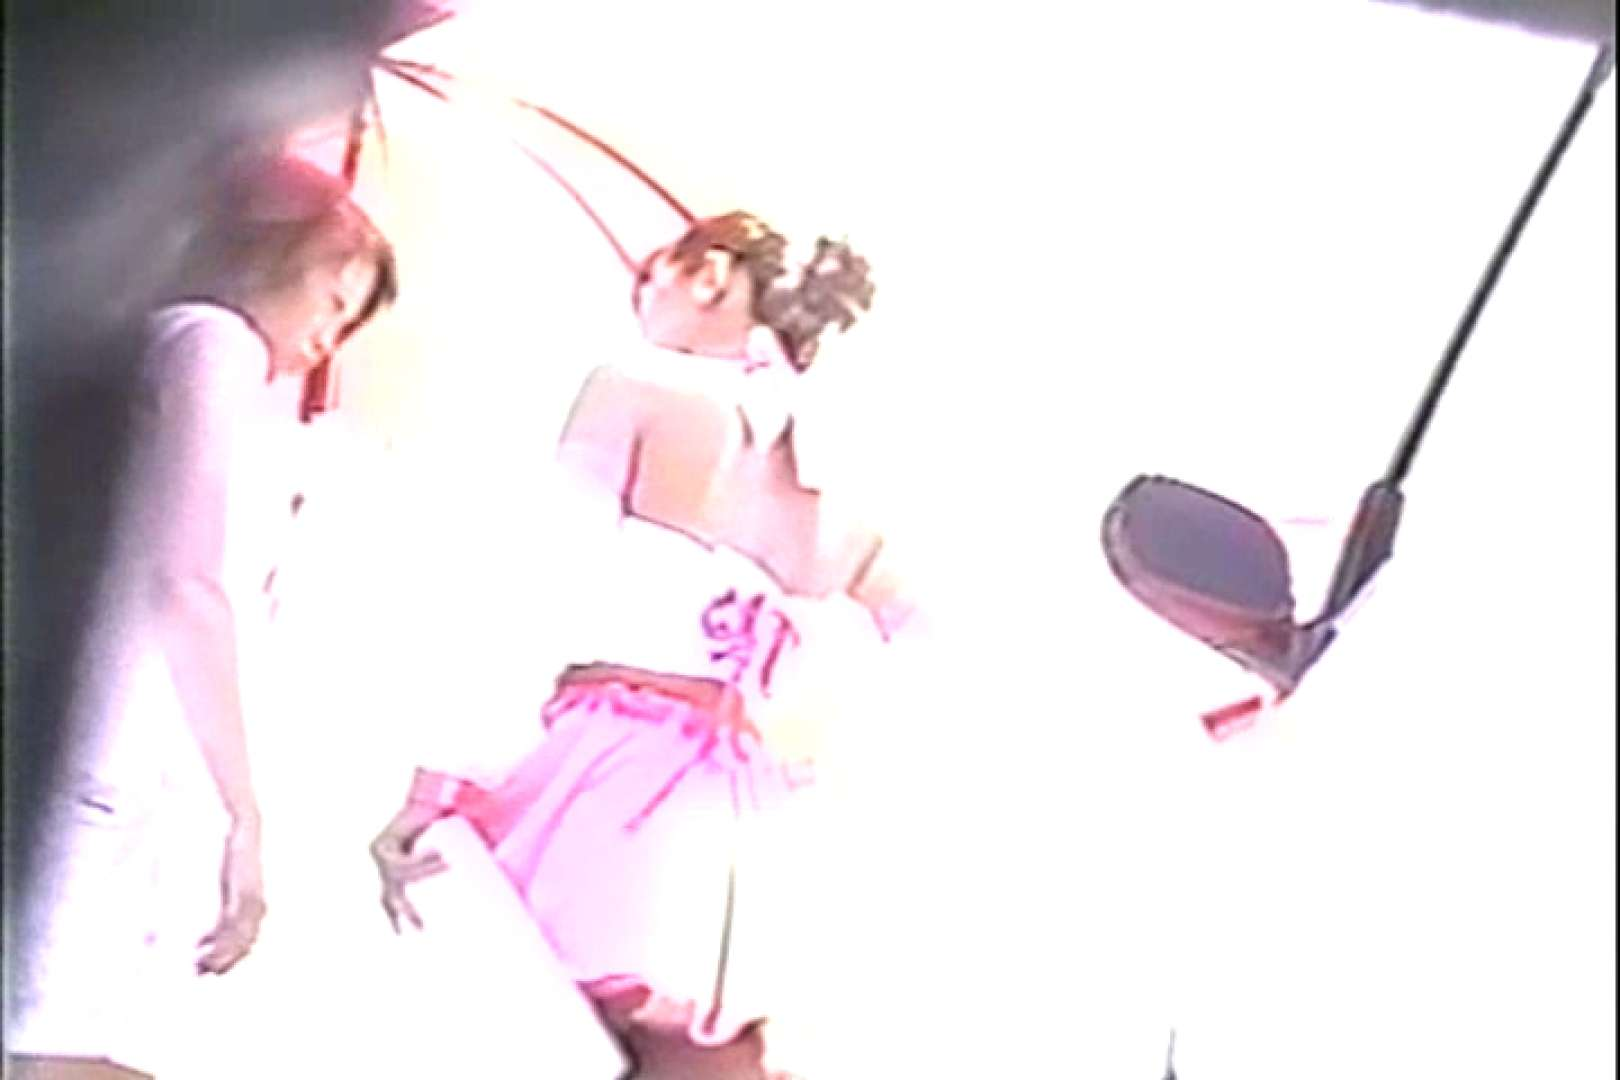 「ちくりん」さんのオリジナル未編集パンチラVol.3_01 レースクイーン  62枚 6